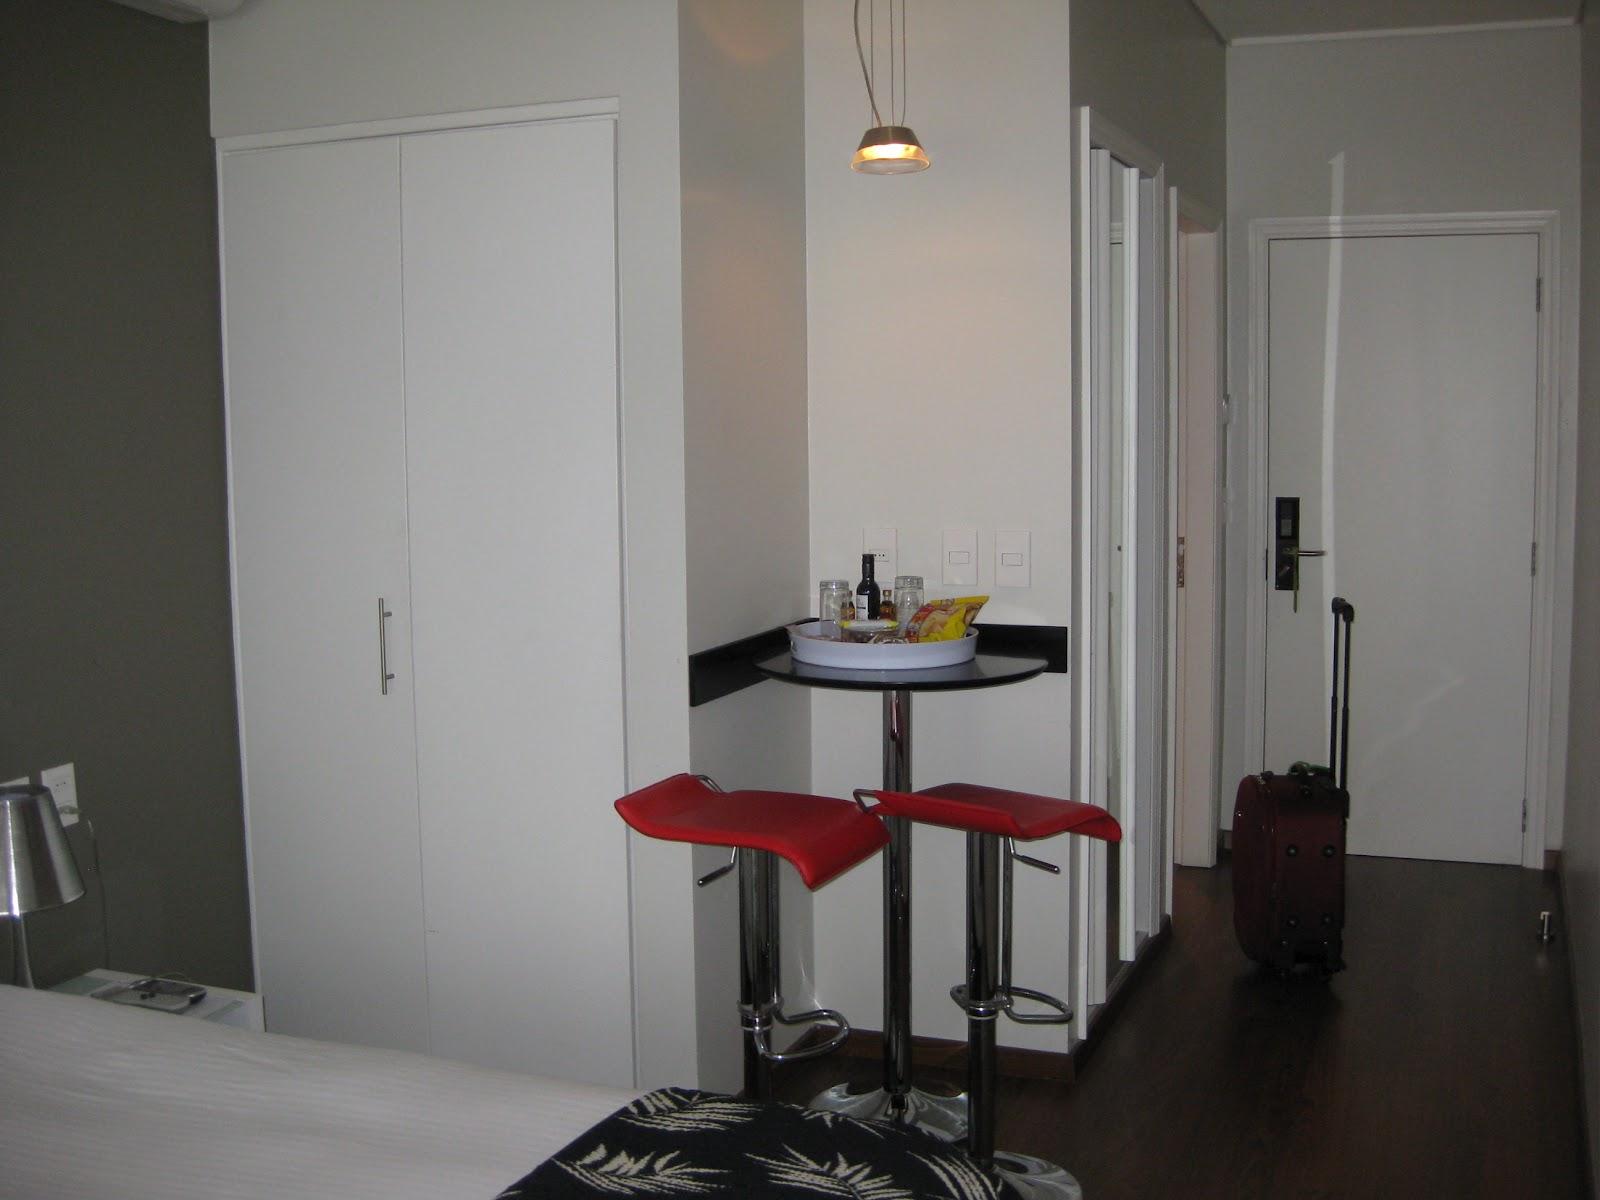 Imagens de #613030 Dividindo a Bagagem: Hotel em Montevidéu: Regency Golf Hotel Urbano 1600x1200 px 2738 Box Banheiro Peixe Urbano